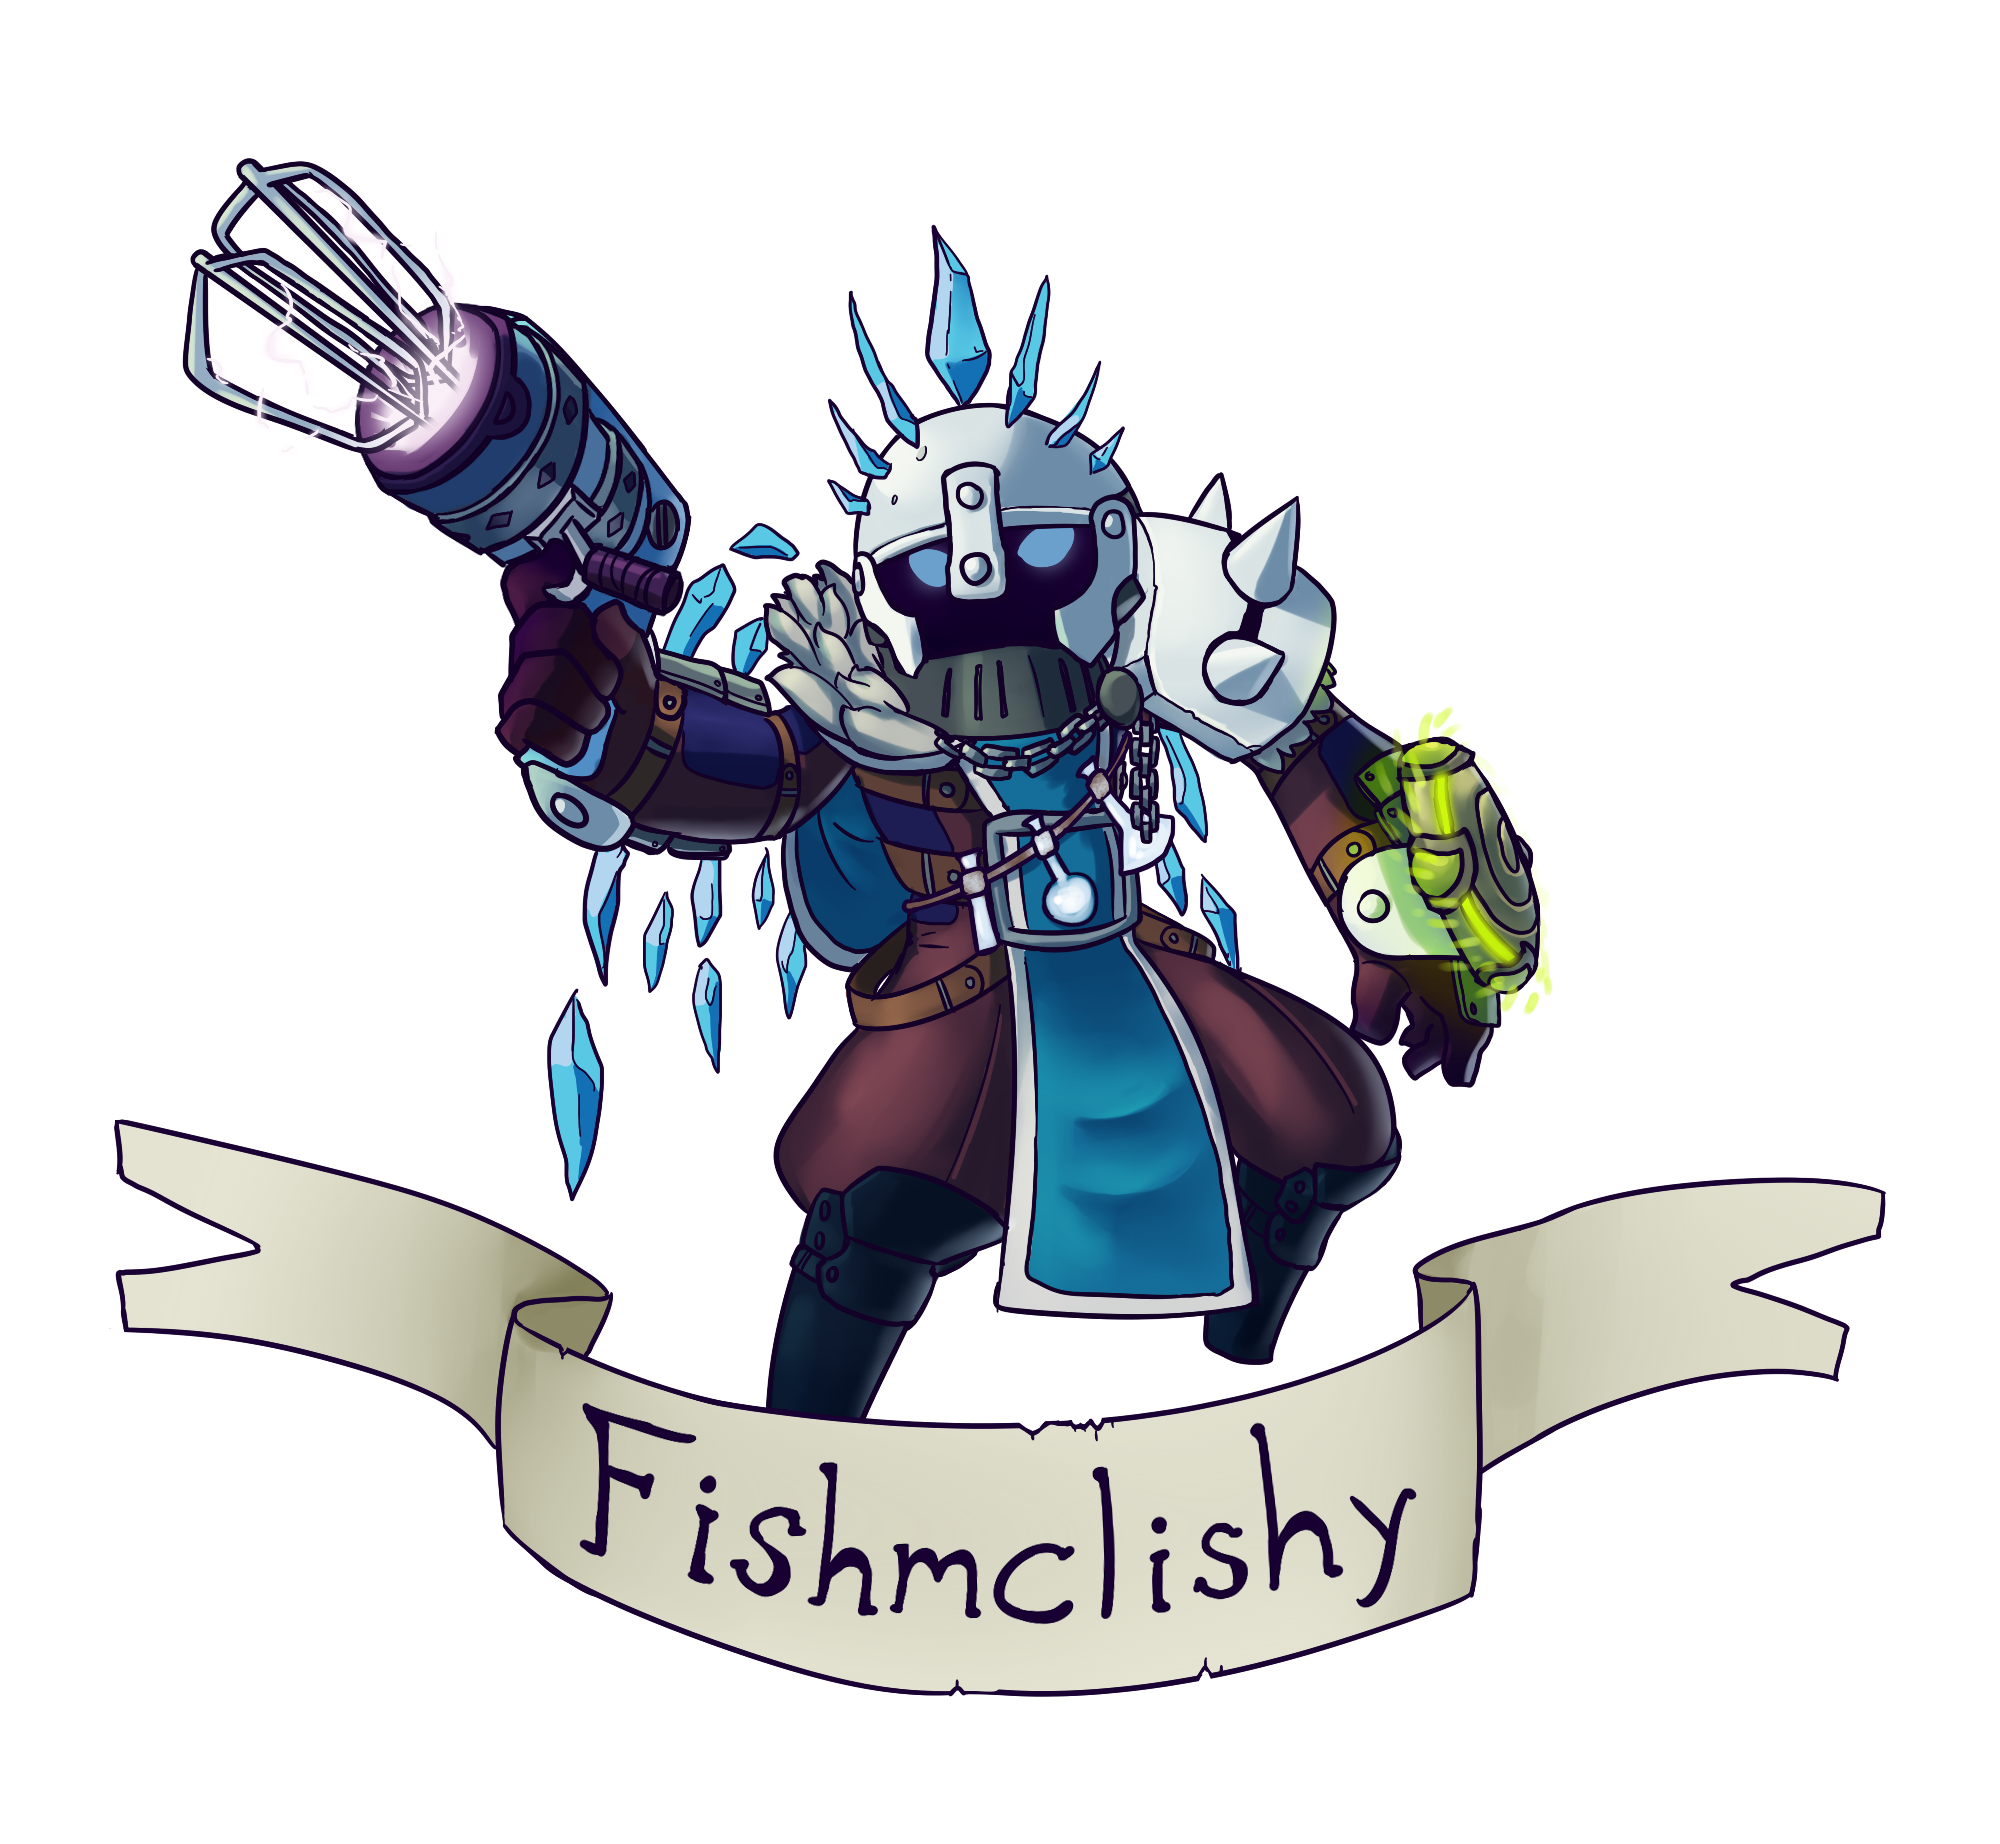 Fishknight by SneakyAlbatross